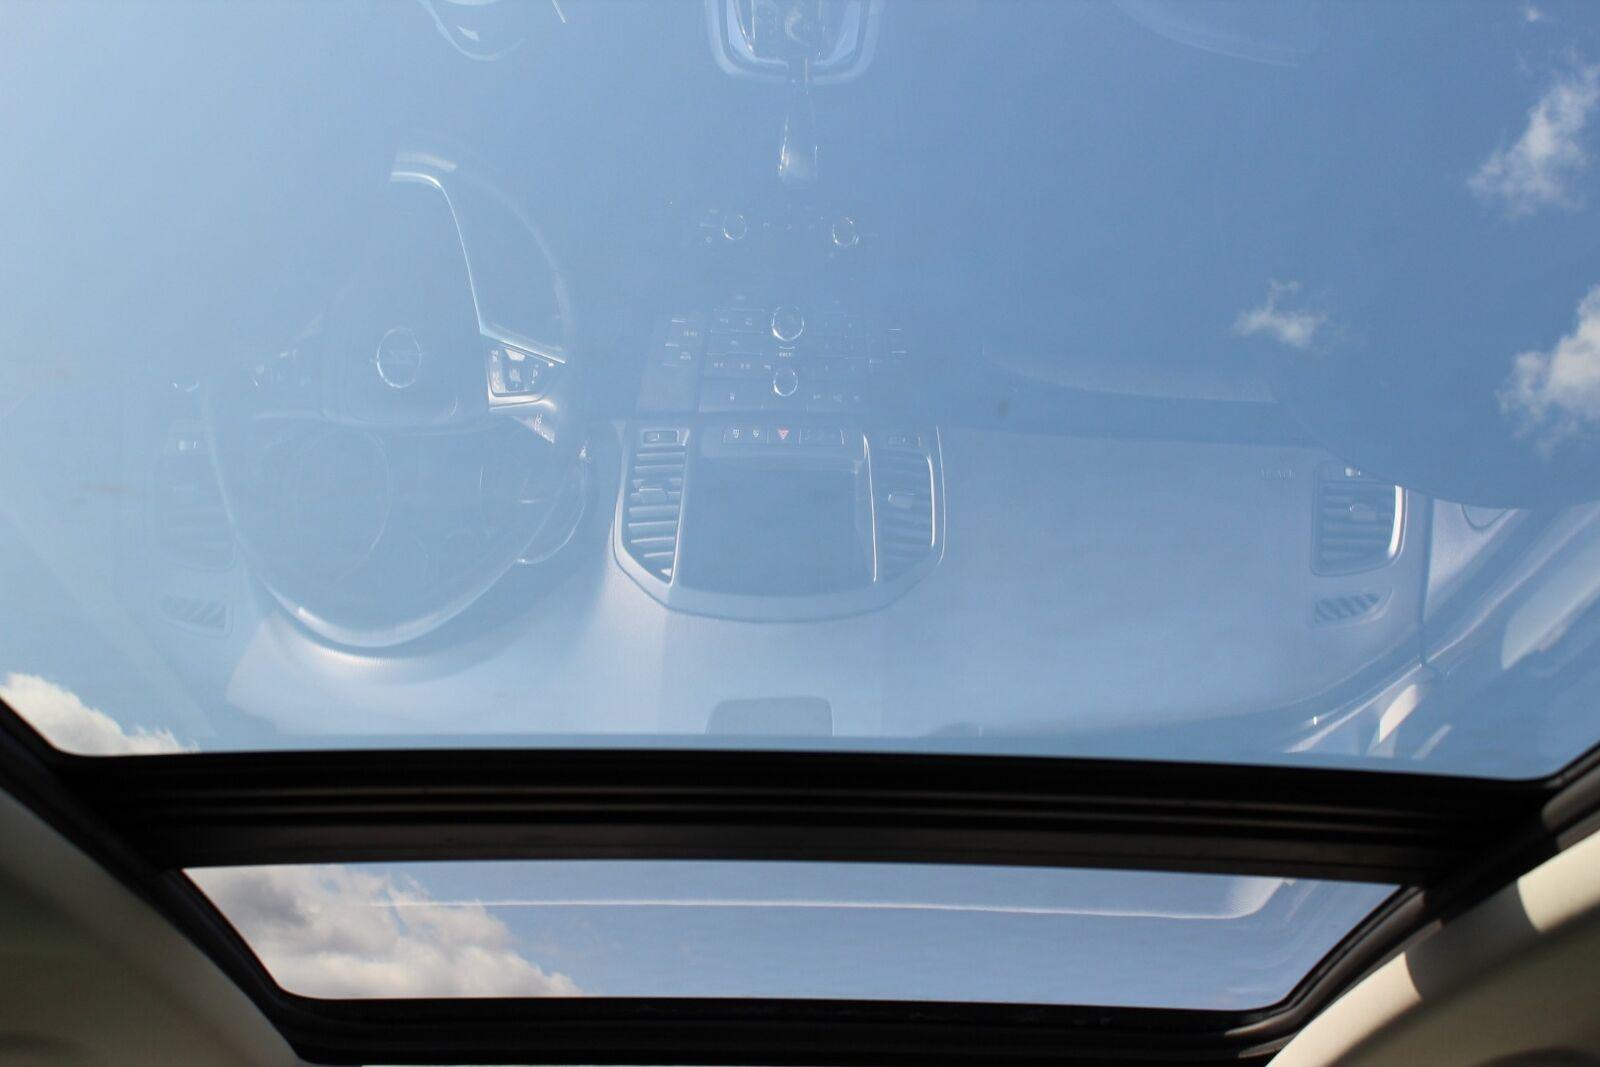 VW Golf VI 2,0 TDi 140 Highline Variant DSG 5d - 124.900 kr.